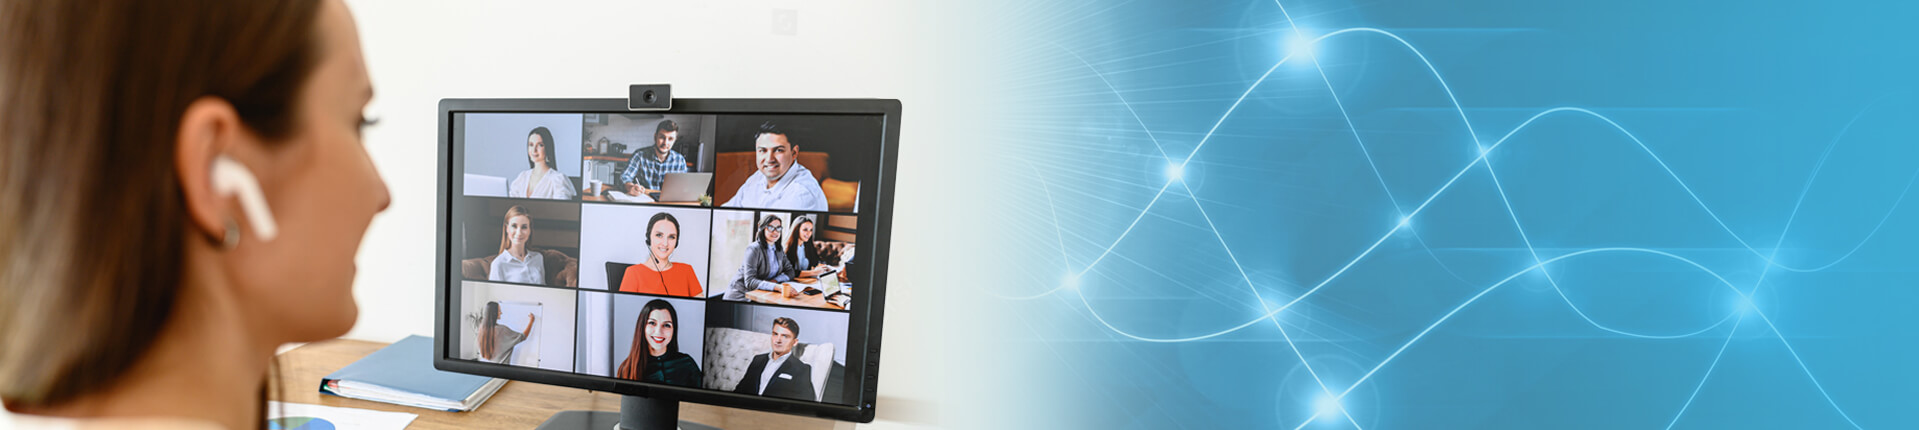 תרבוטובה און-ליין - הרצאות zoom או מוקלטות